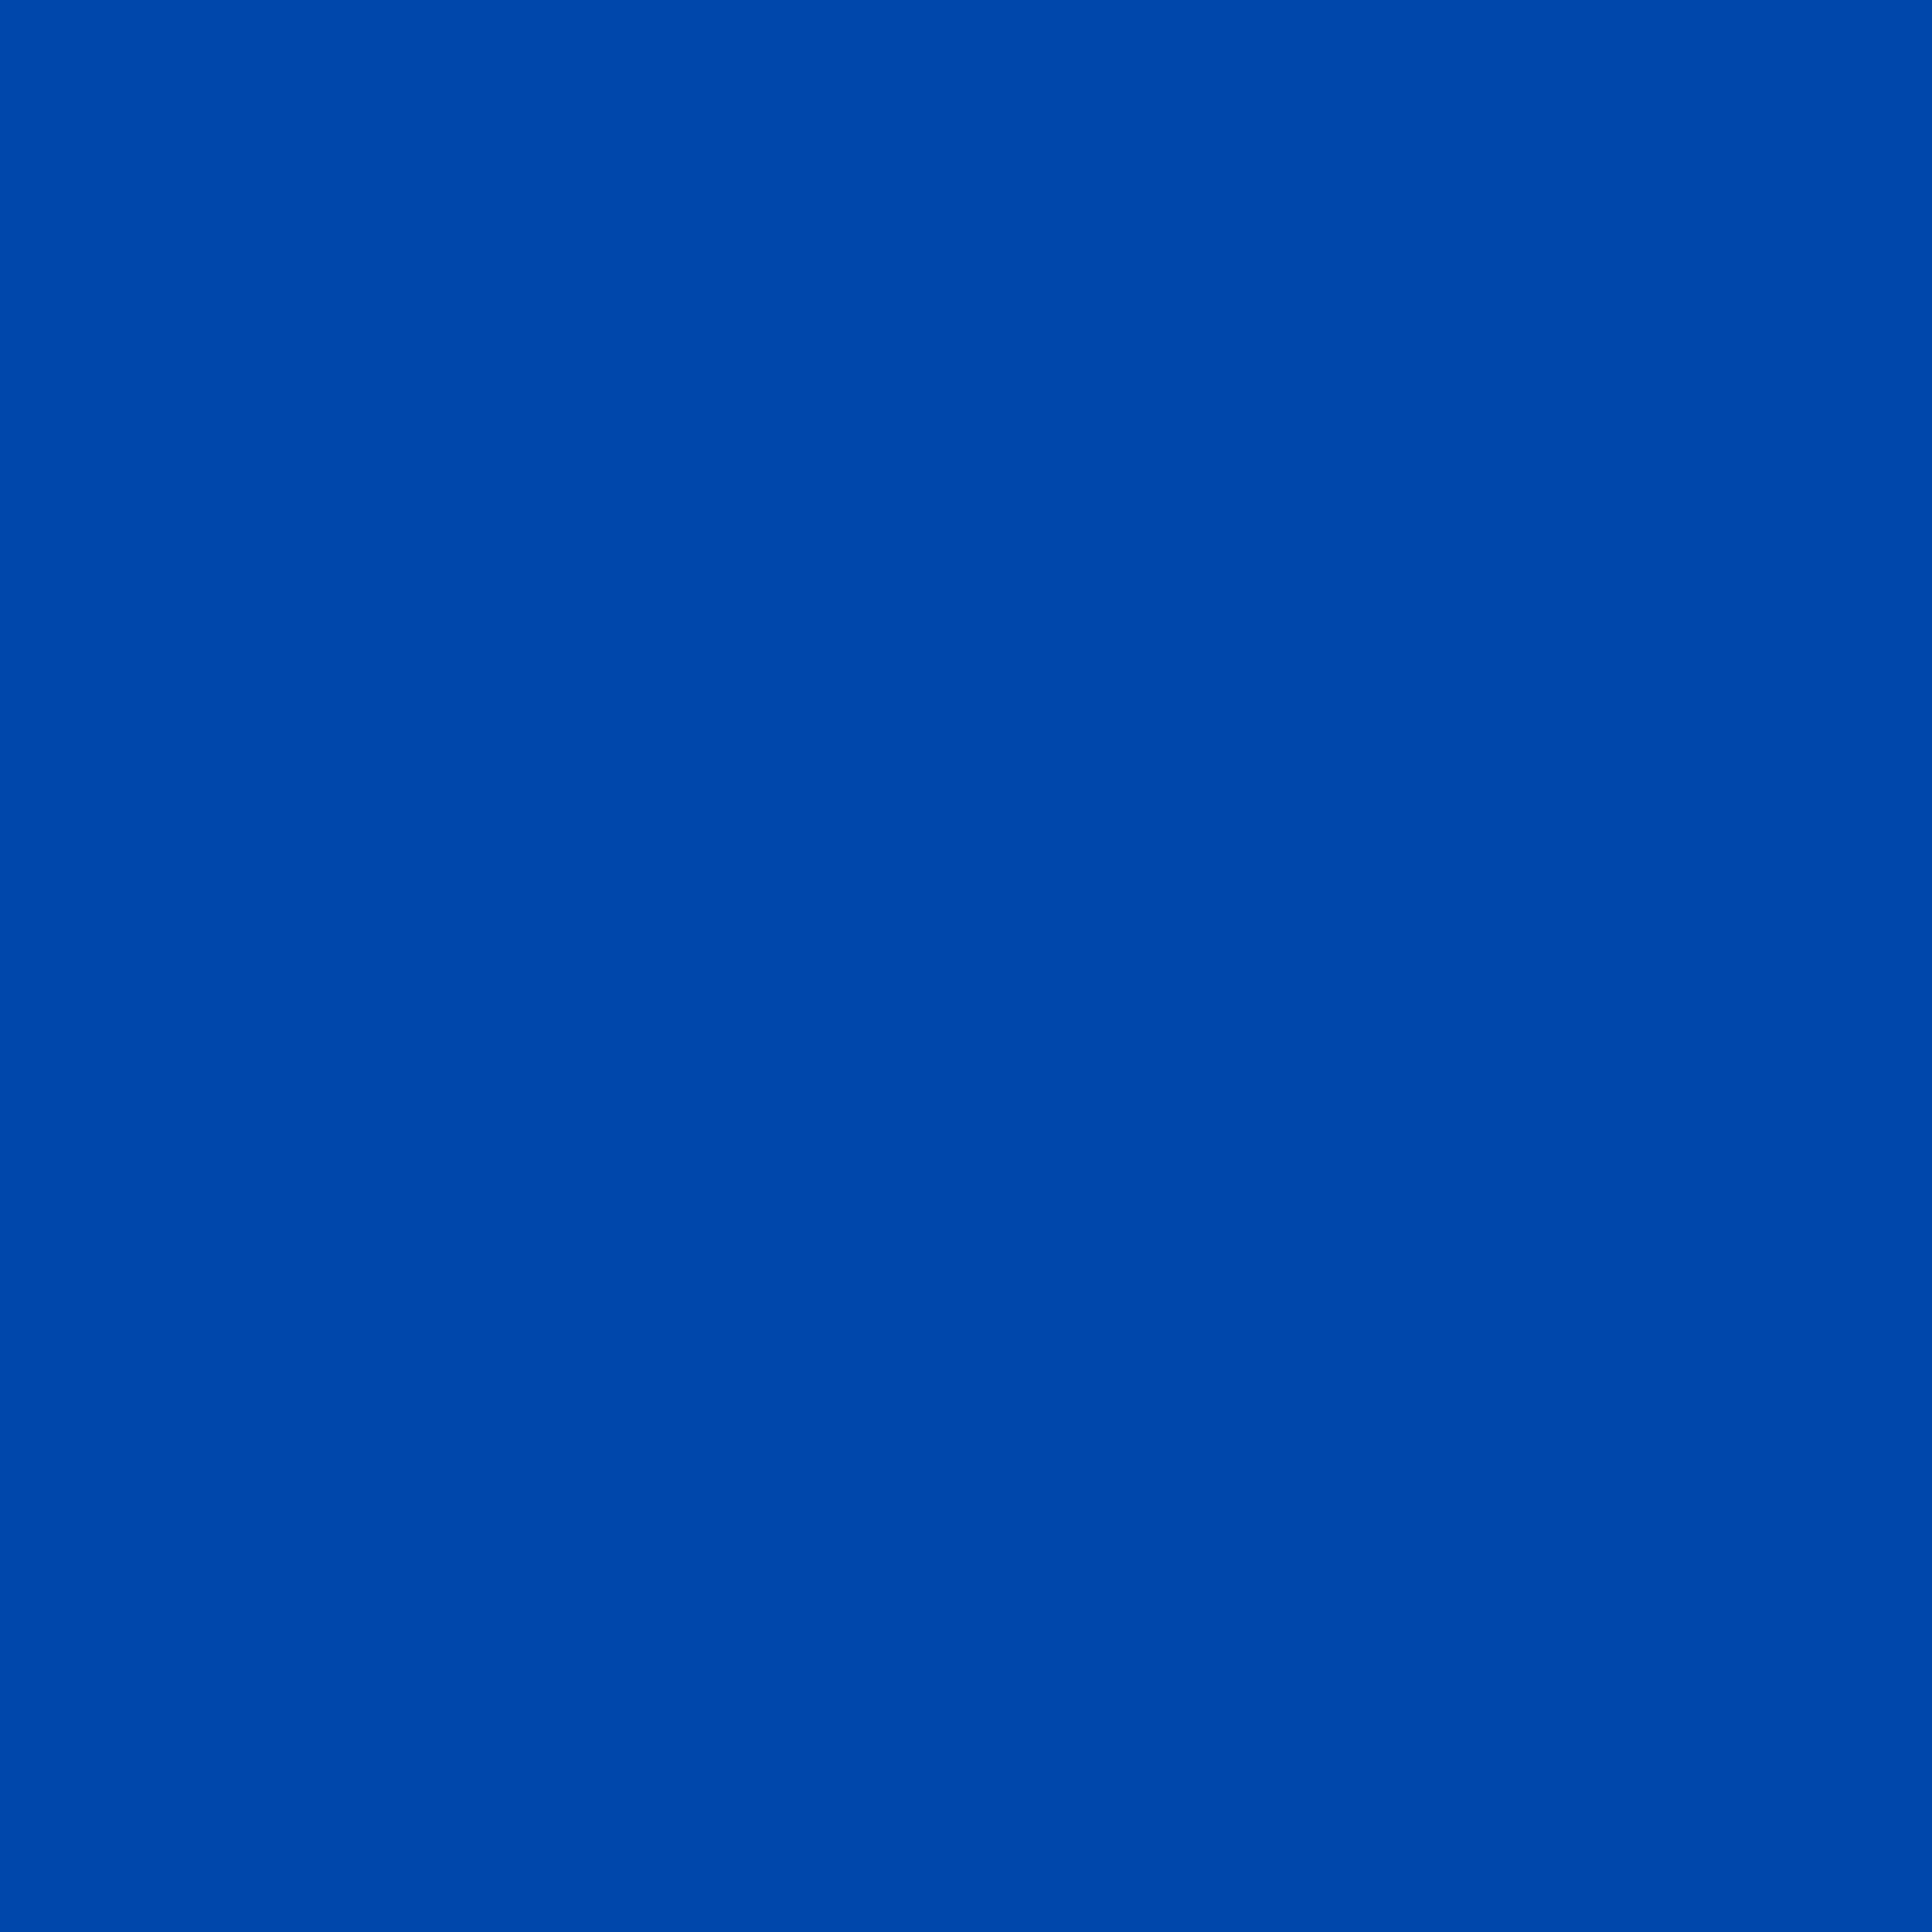 2048x2048 Cobalt Solid Color Background